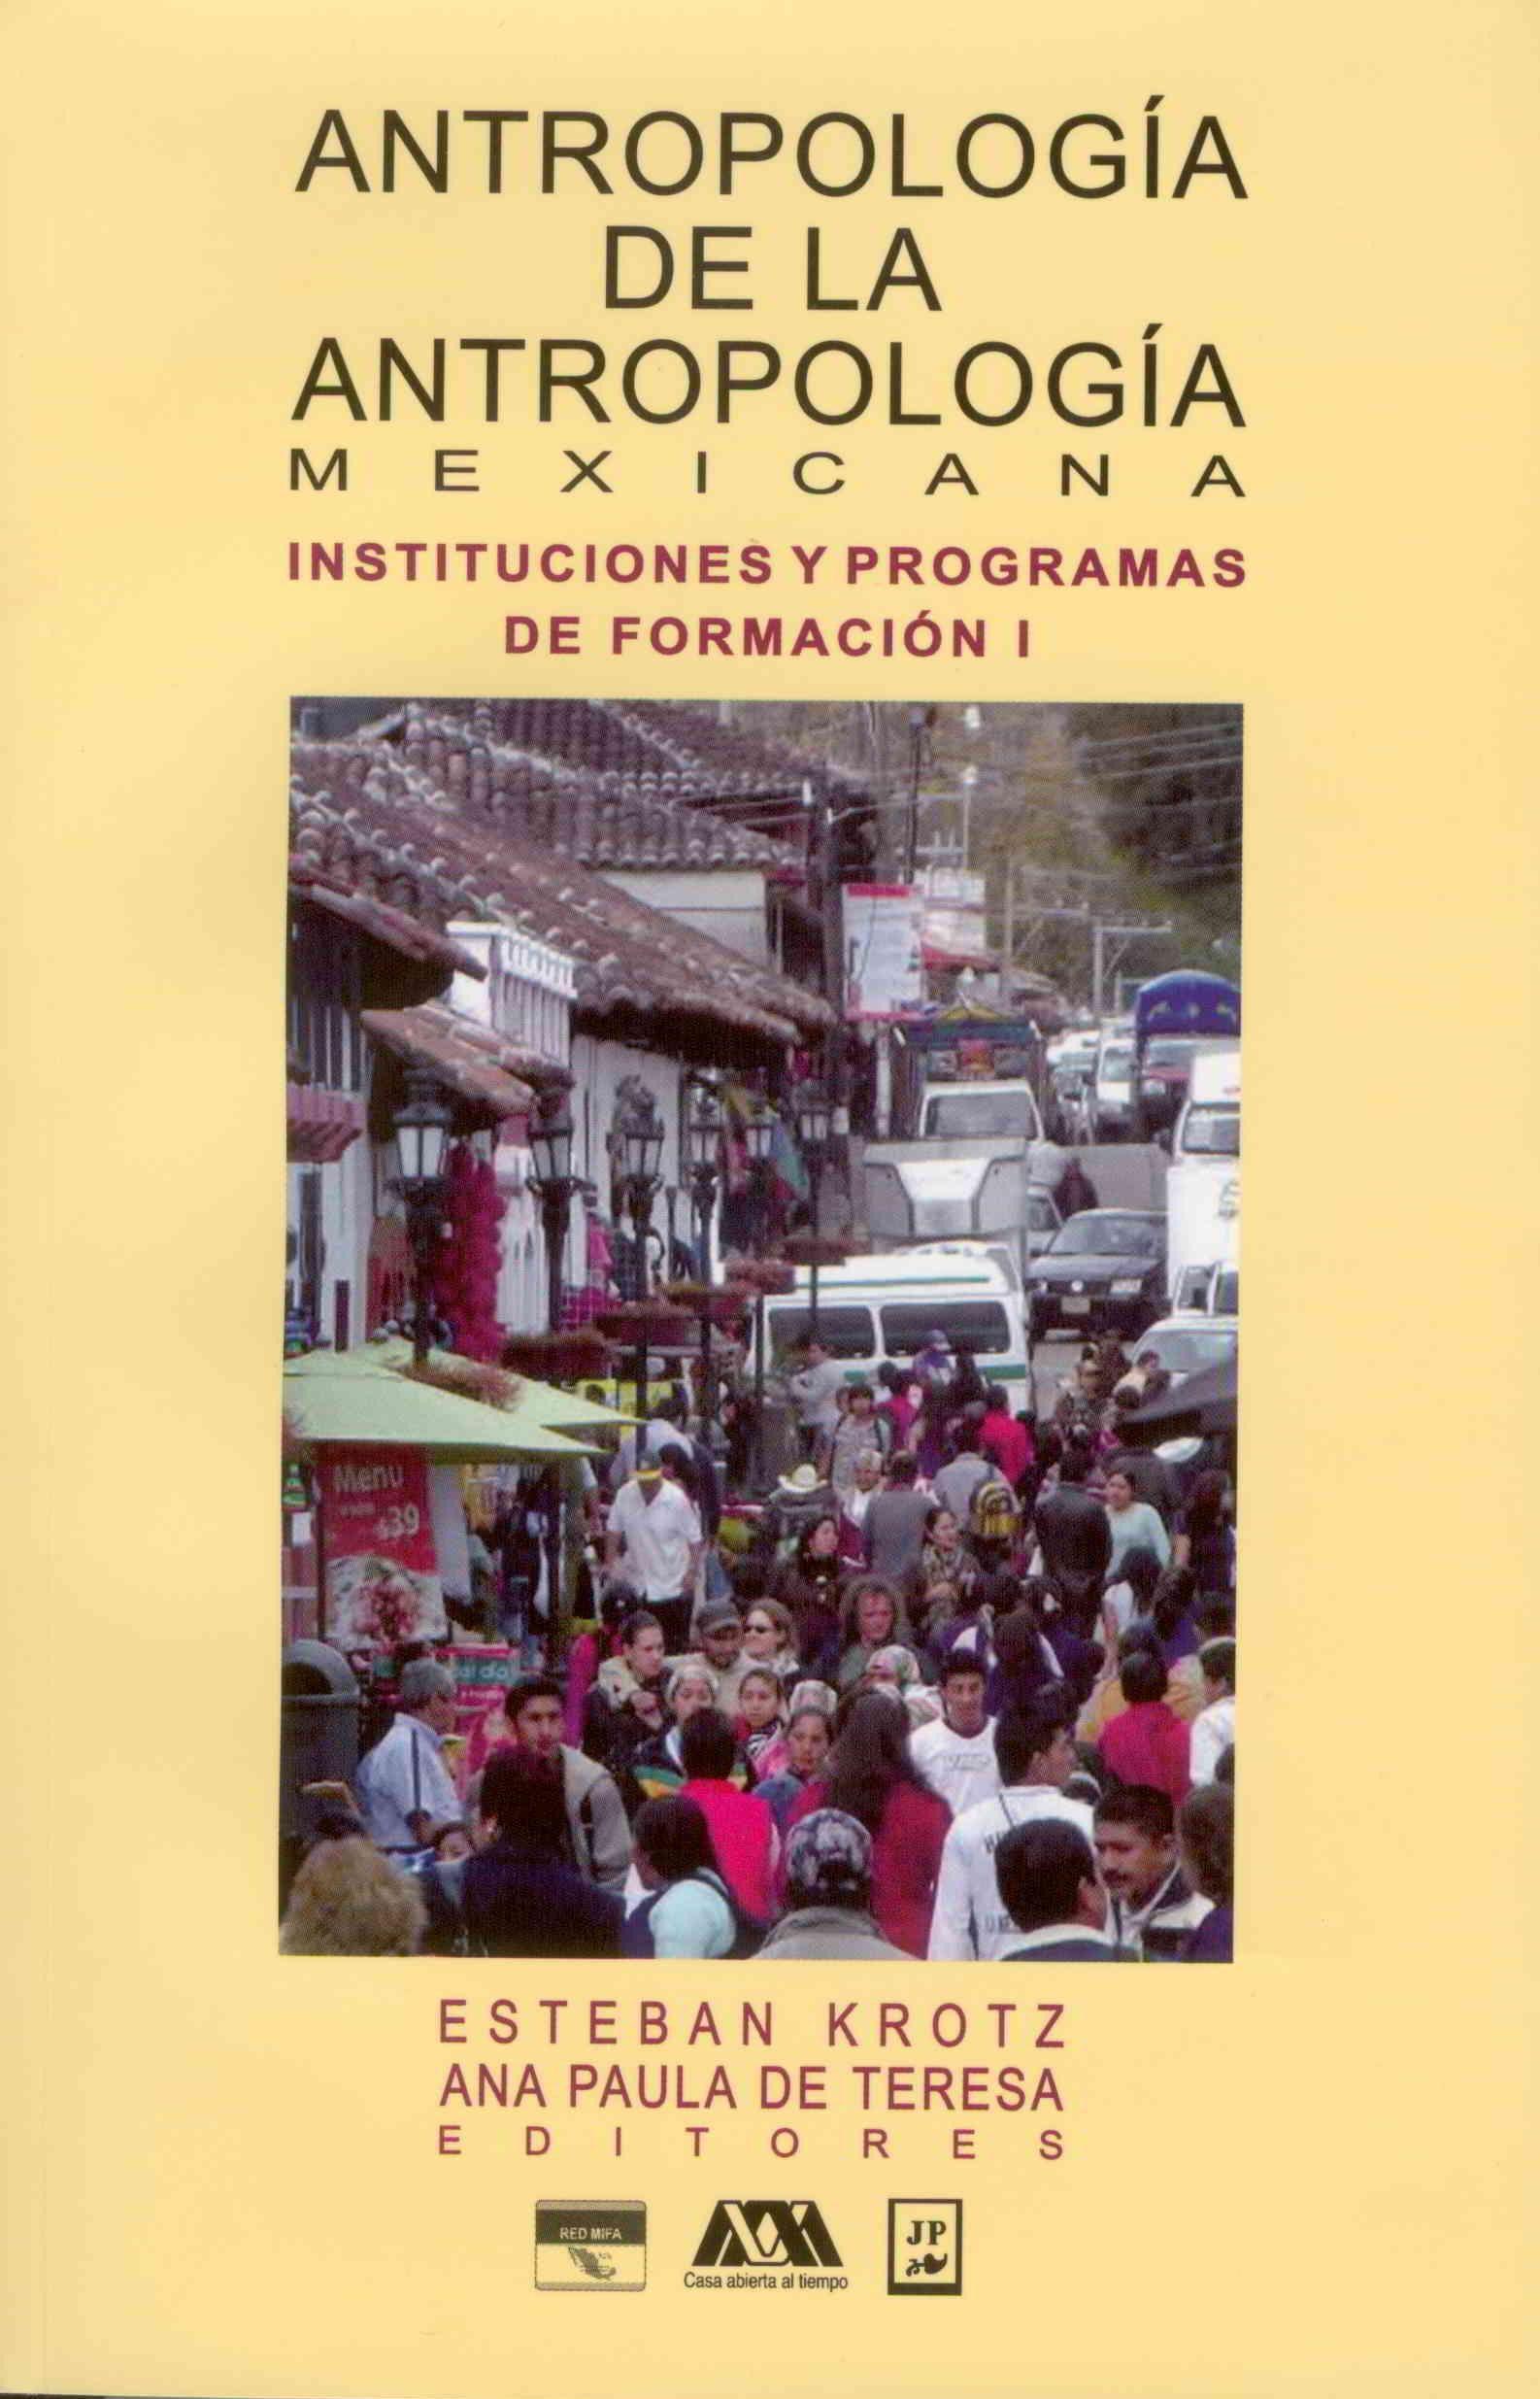 Antropología de la Antropología Mexicana: instituciones y programas de formación